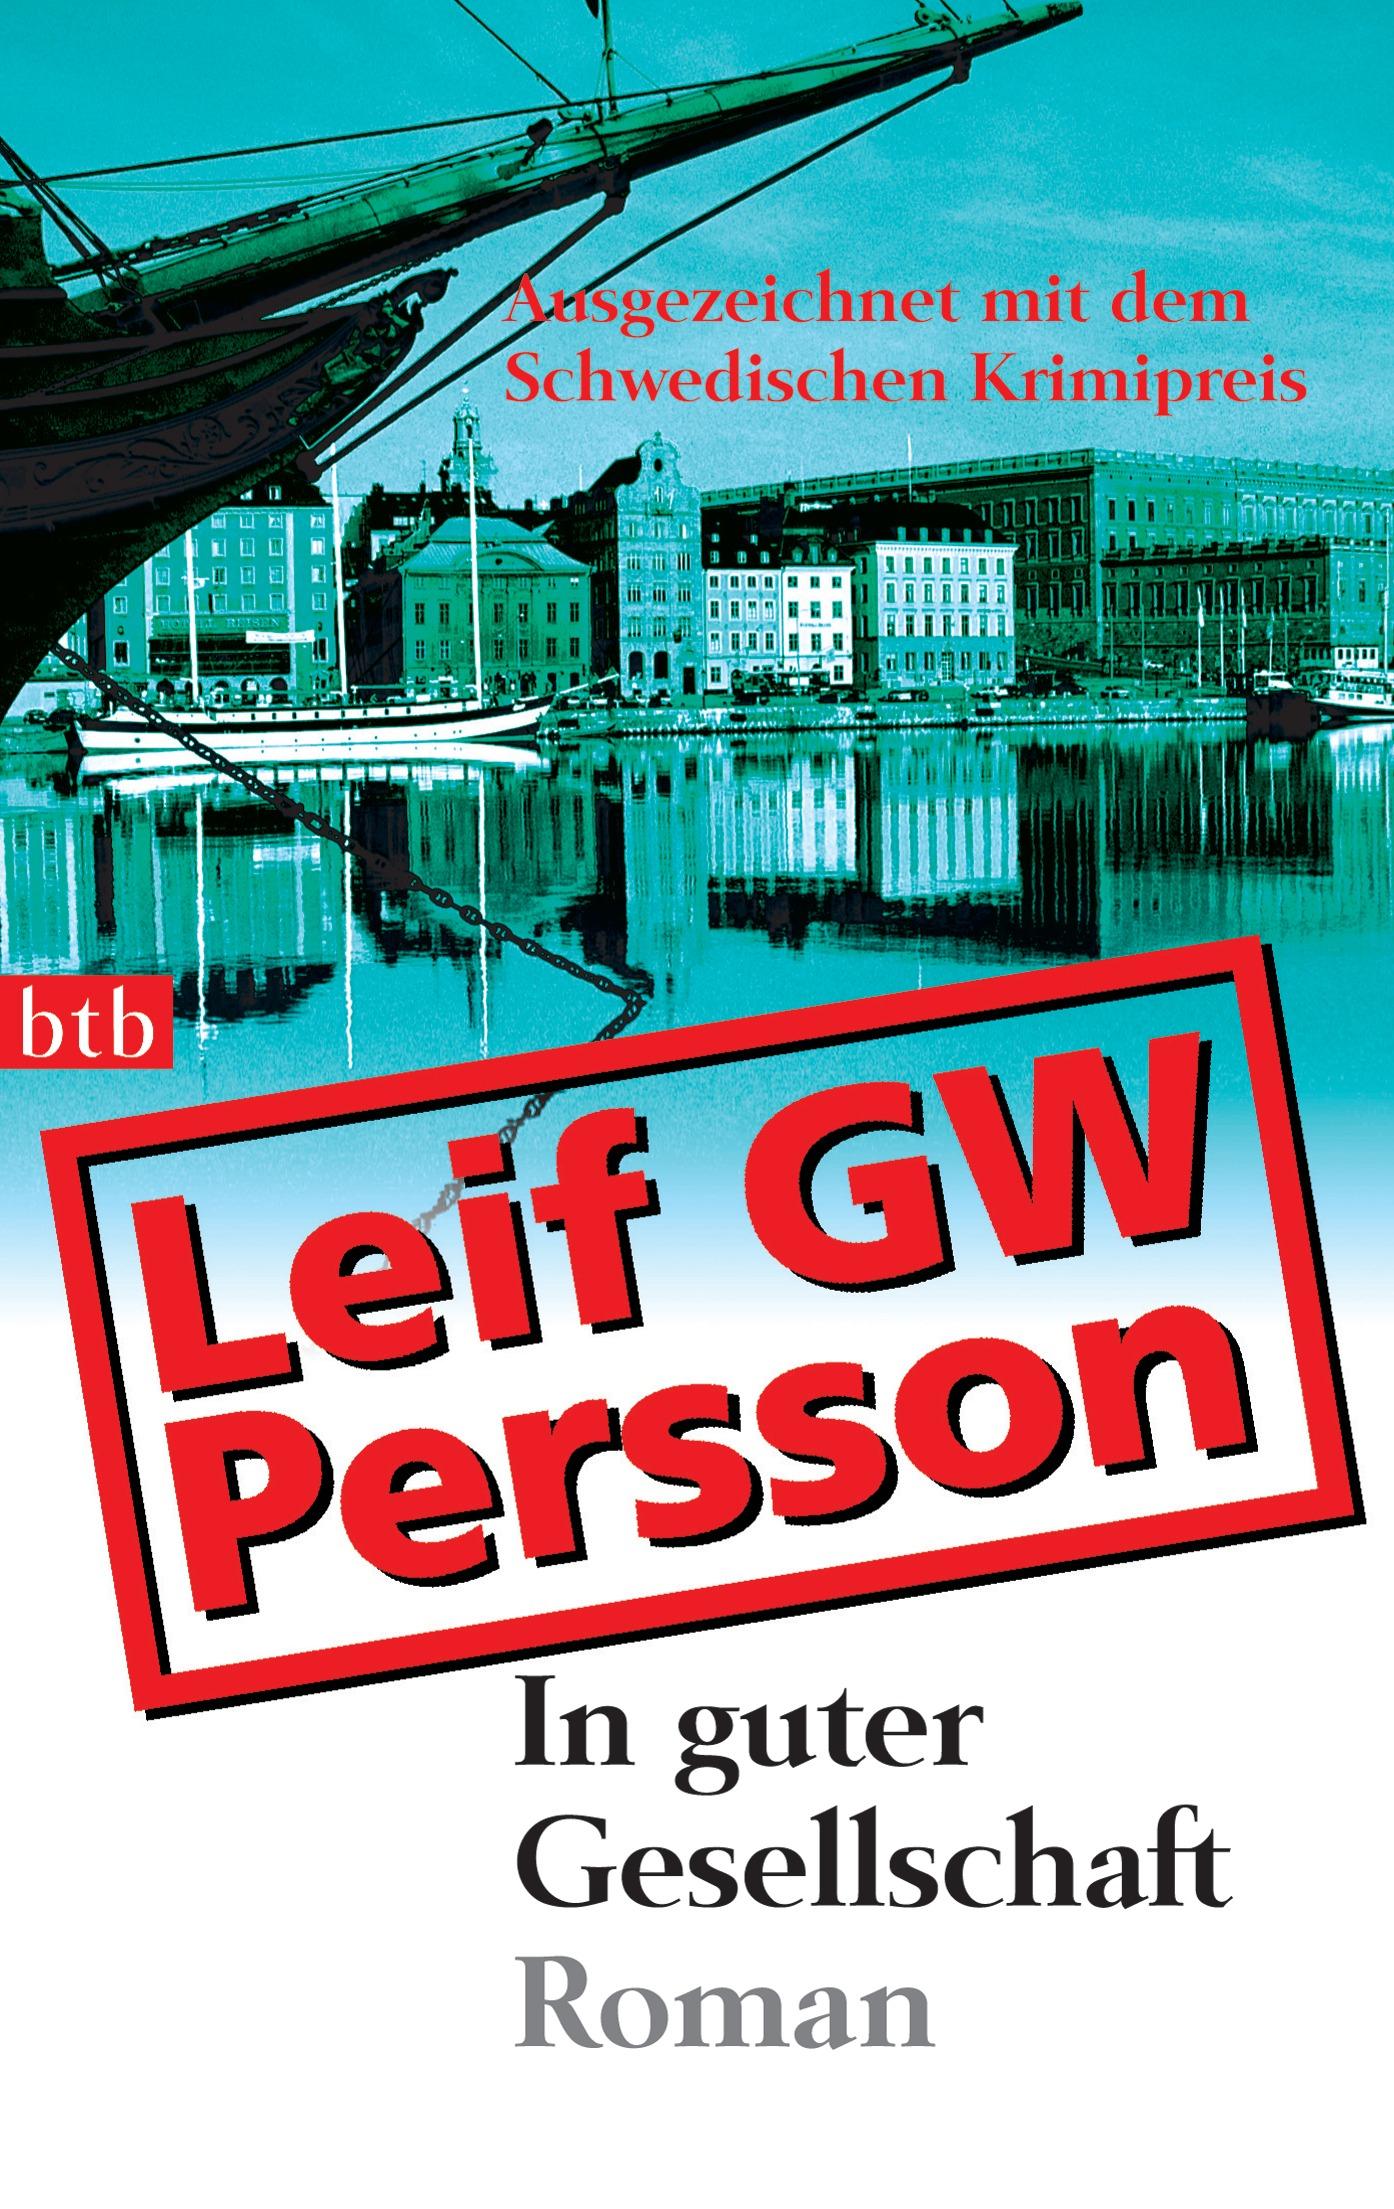 In guter Gesellschaft: Roman - Ausgezeichnet mit dem Schwedischen Krimipreis - Leif GW Persson